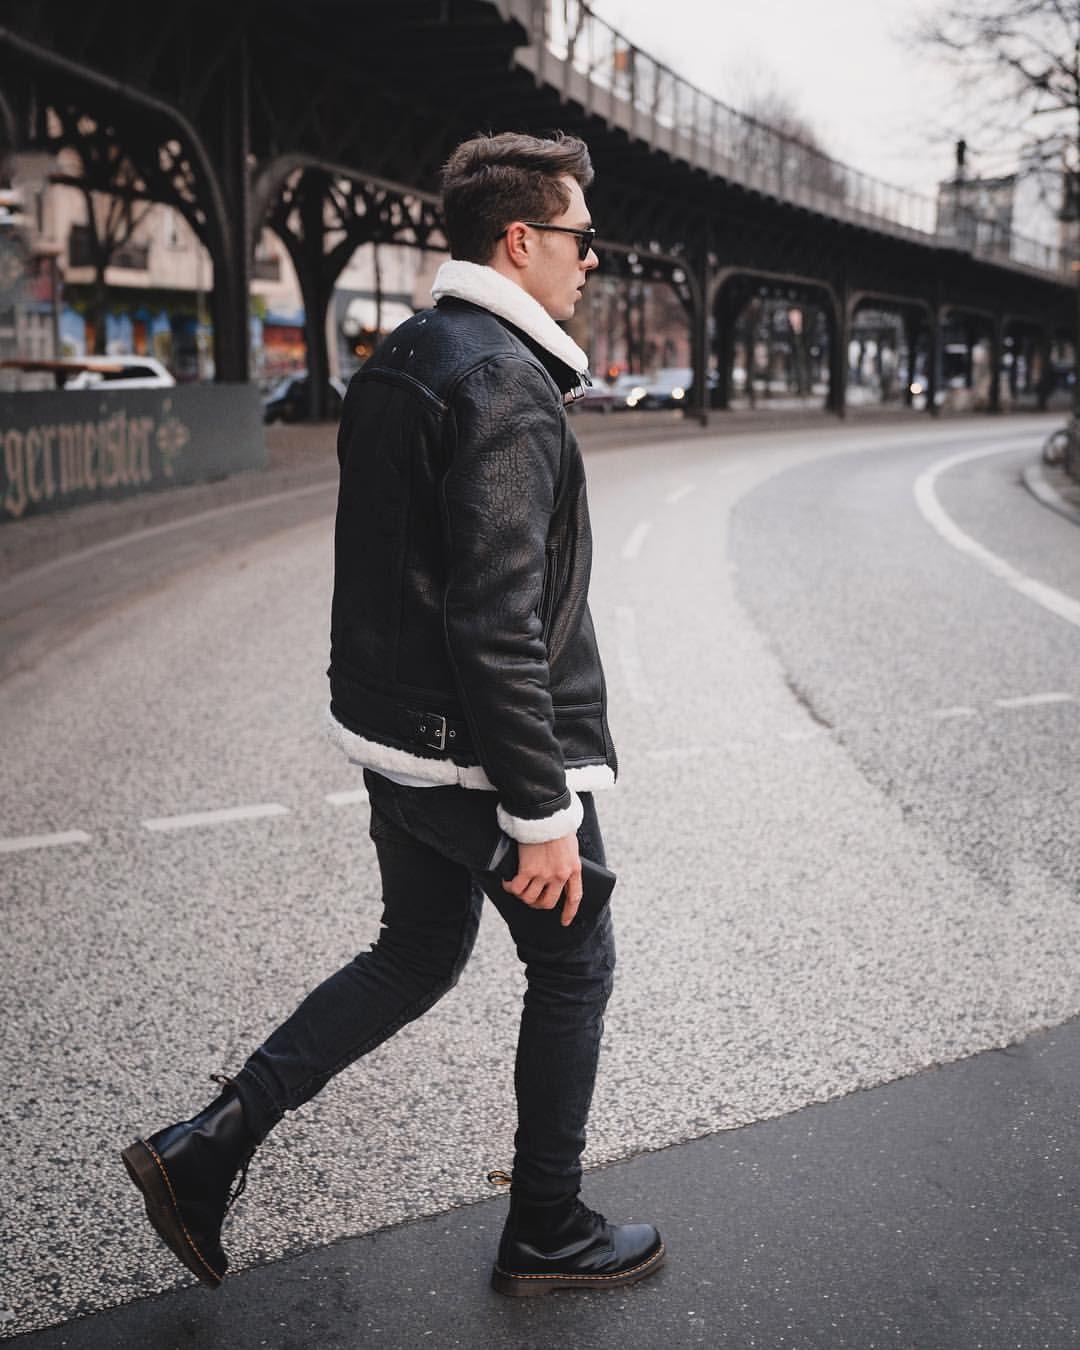 Gentlemans Berlin 256 likes 11 comments konny konstantin on instagram berlin